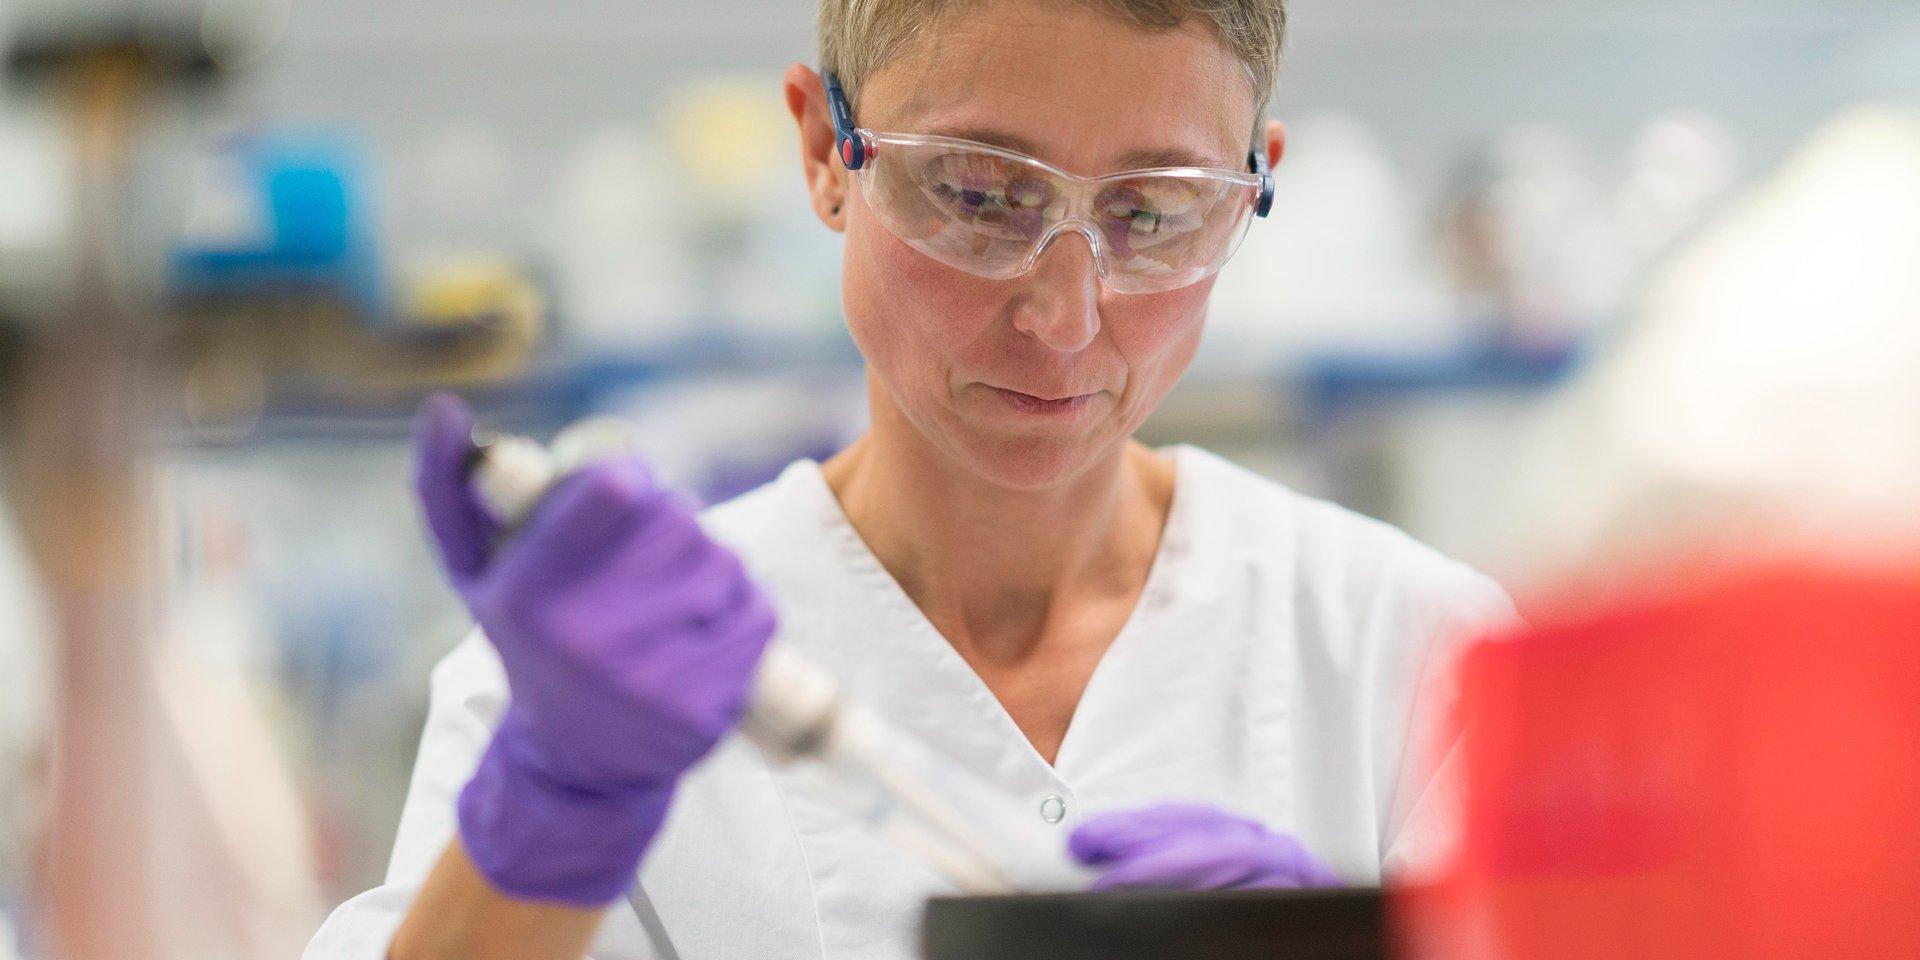 Rozpoczynamy kluczową, III fazę badań klinicznych kandydata na szczepionkę przeciwko COVID-19